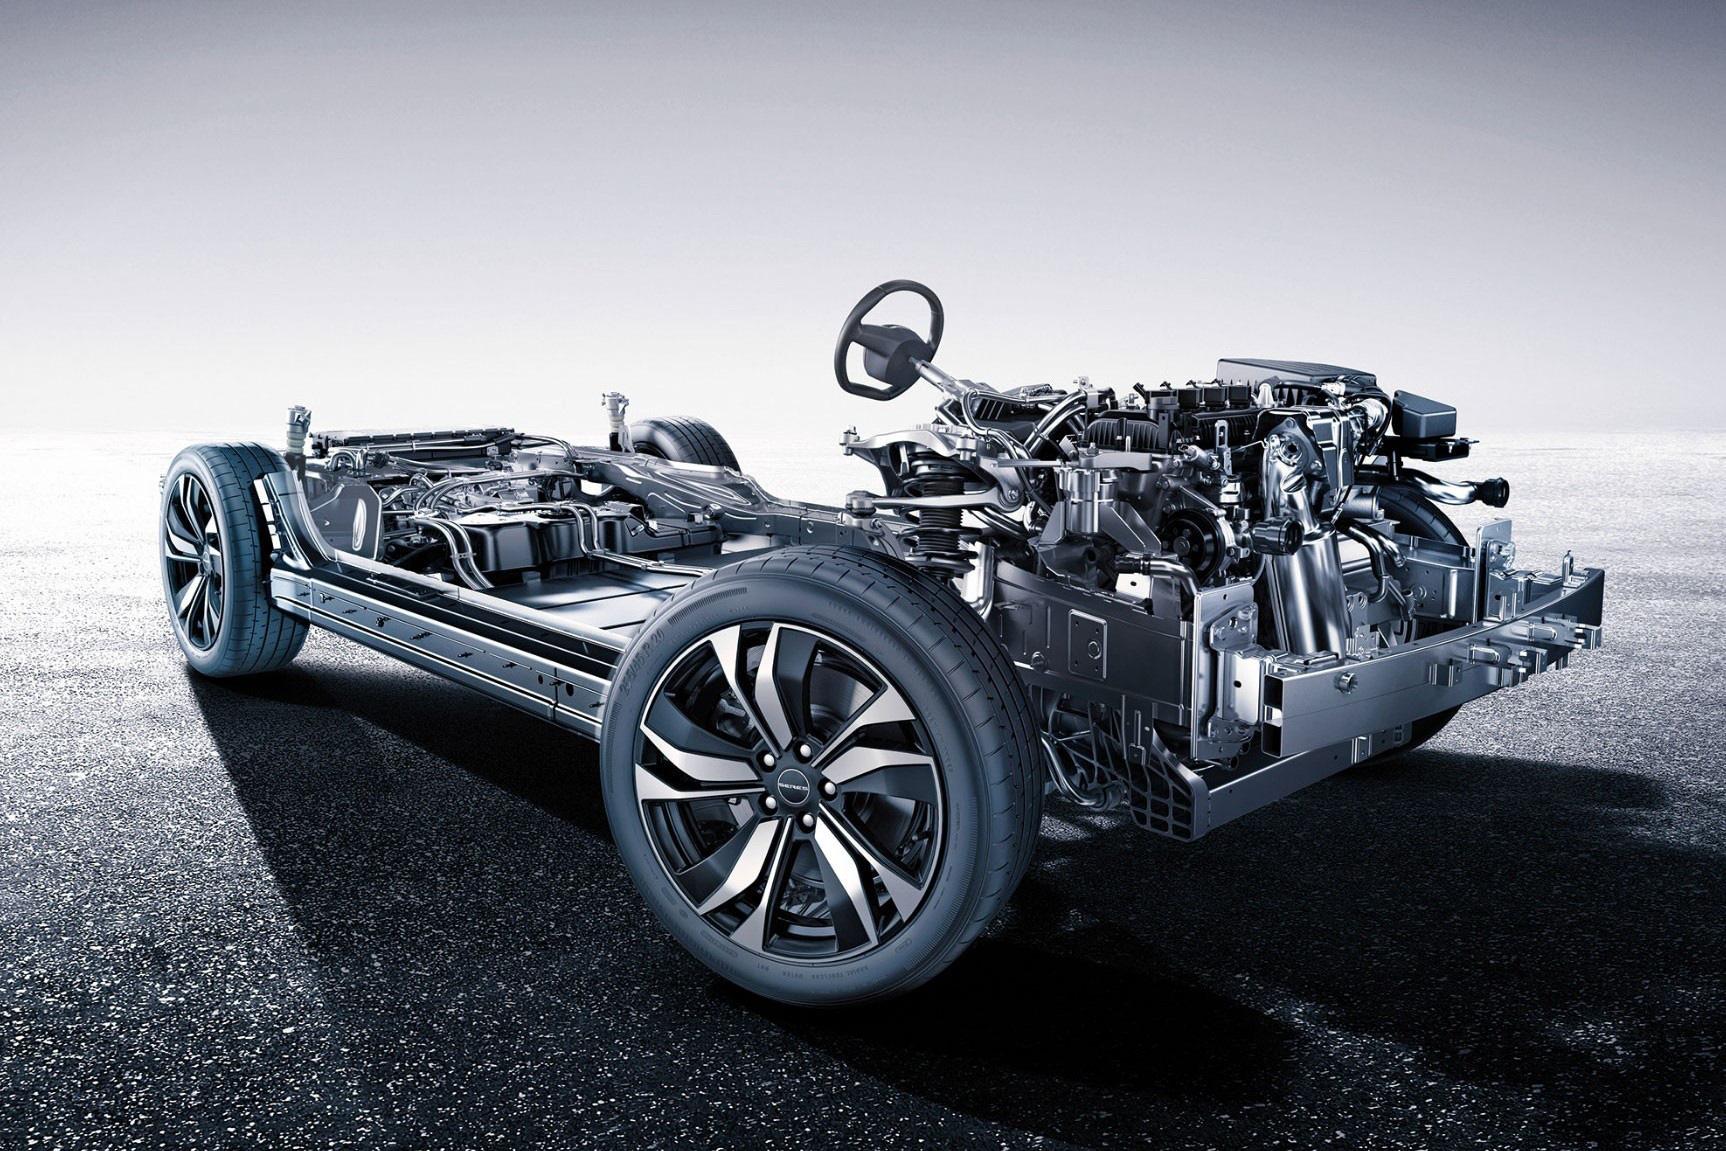 Huawei ra mắt ô tô điện đầu tiên có giá khoảng 770 triệu đồng - Ảnh 11.